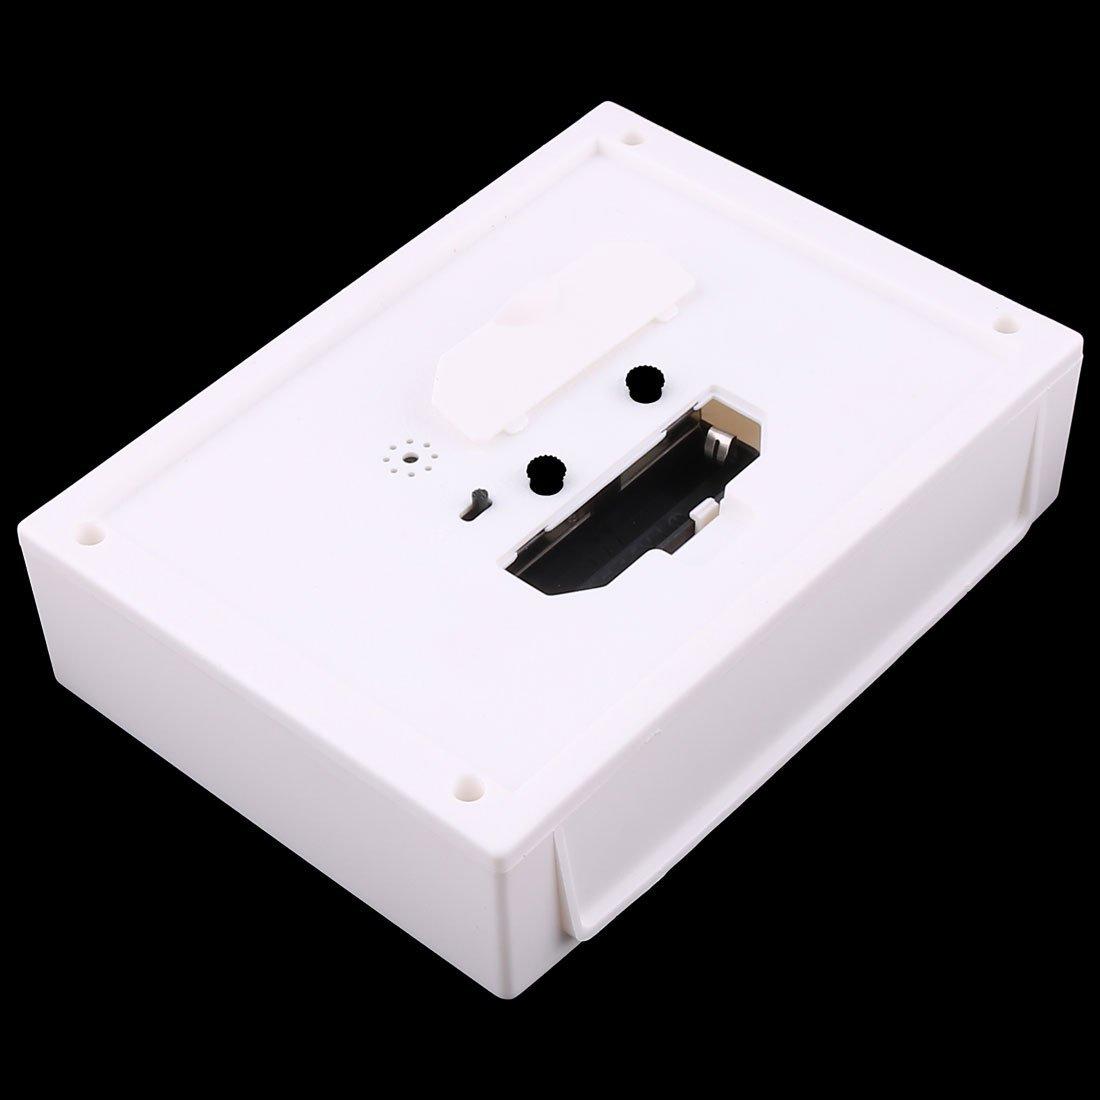 Amazon.com: eDealMax plástico del Ministerio del Interior Mesa Rectangular silencioso Número árabe despertador Blanca: Home & Kitchen